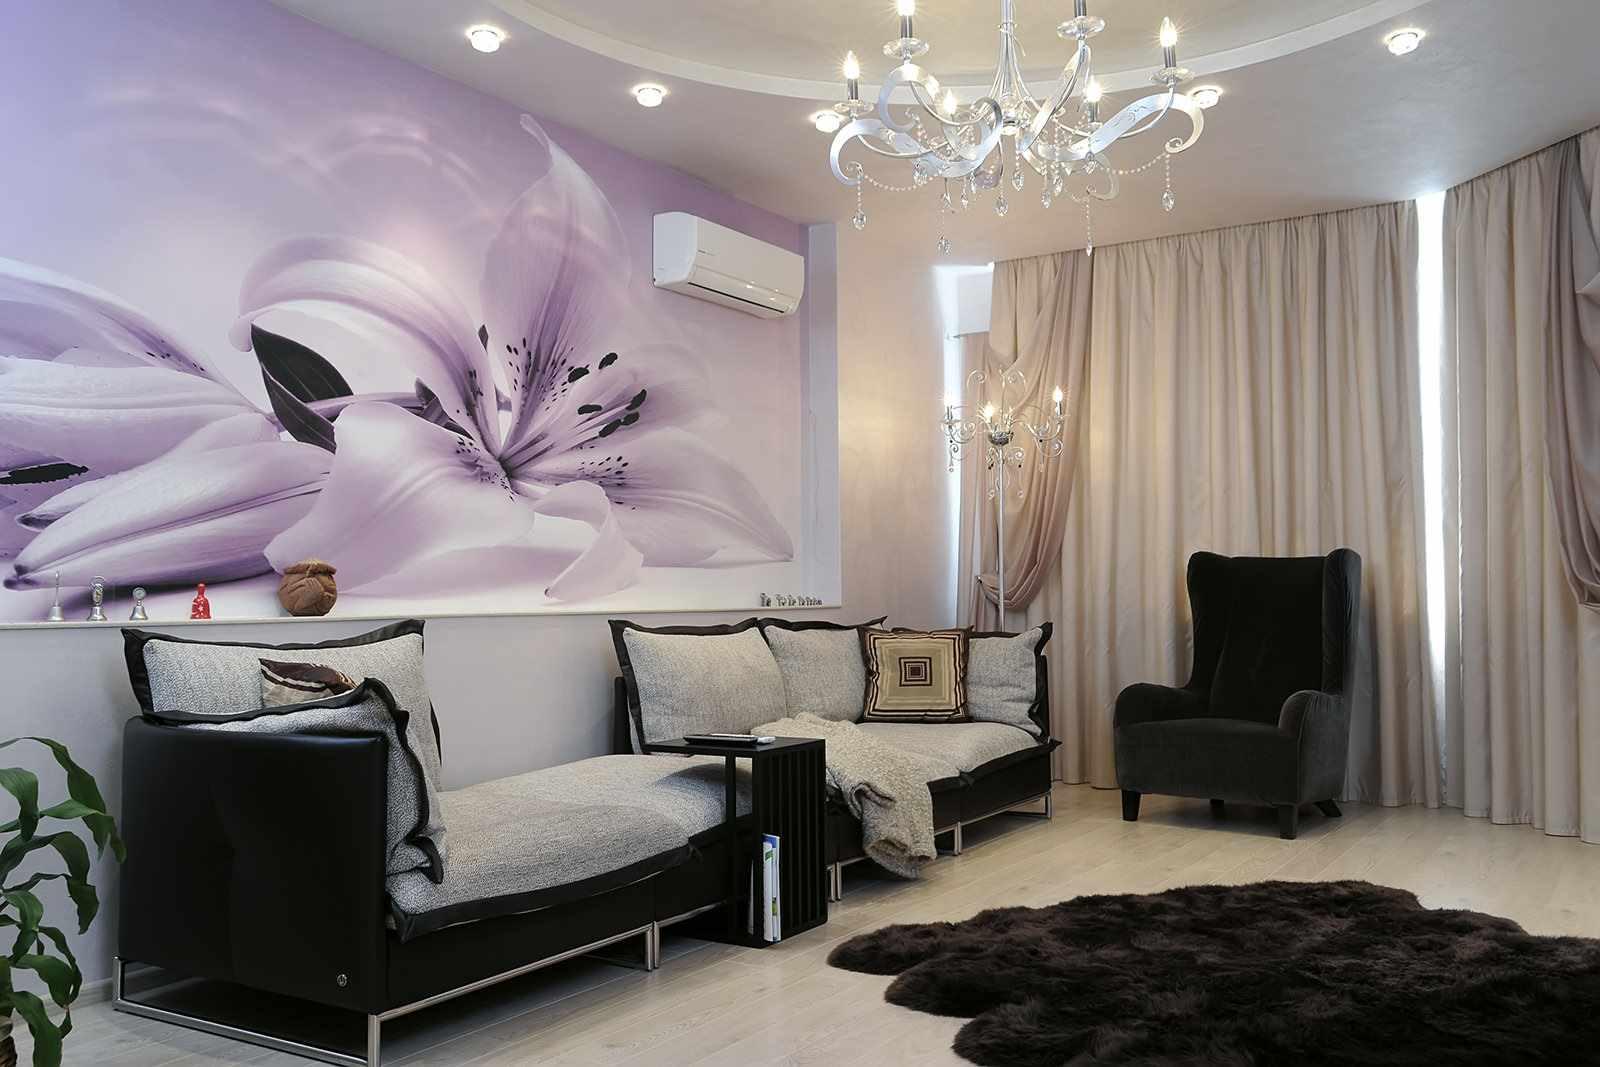 một ví dụ về một phong cách khác thường của giấy dán tường cho phòng khách